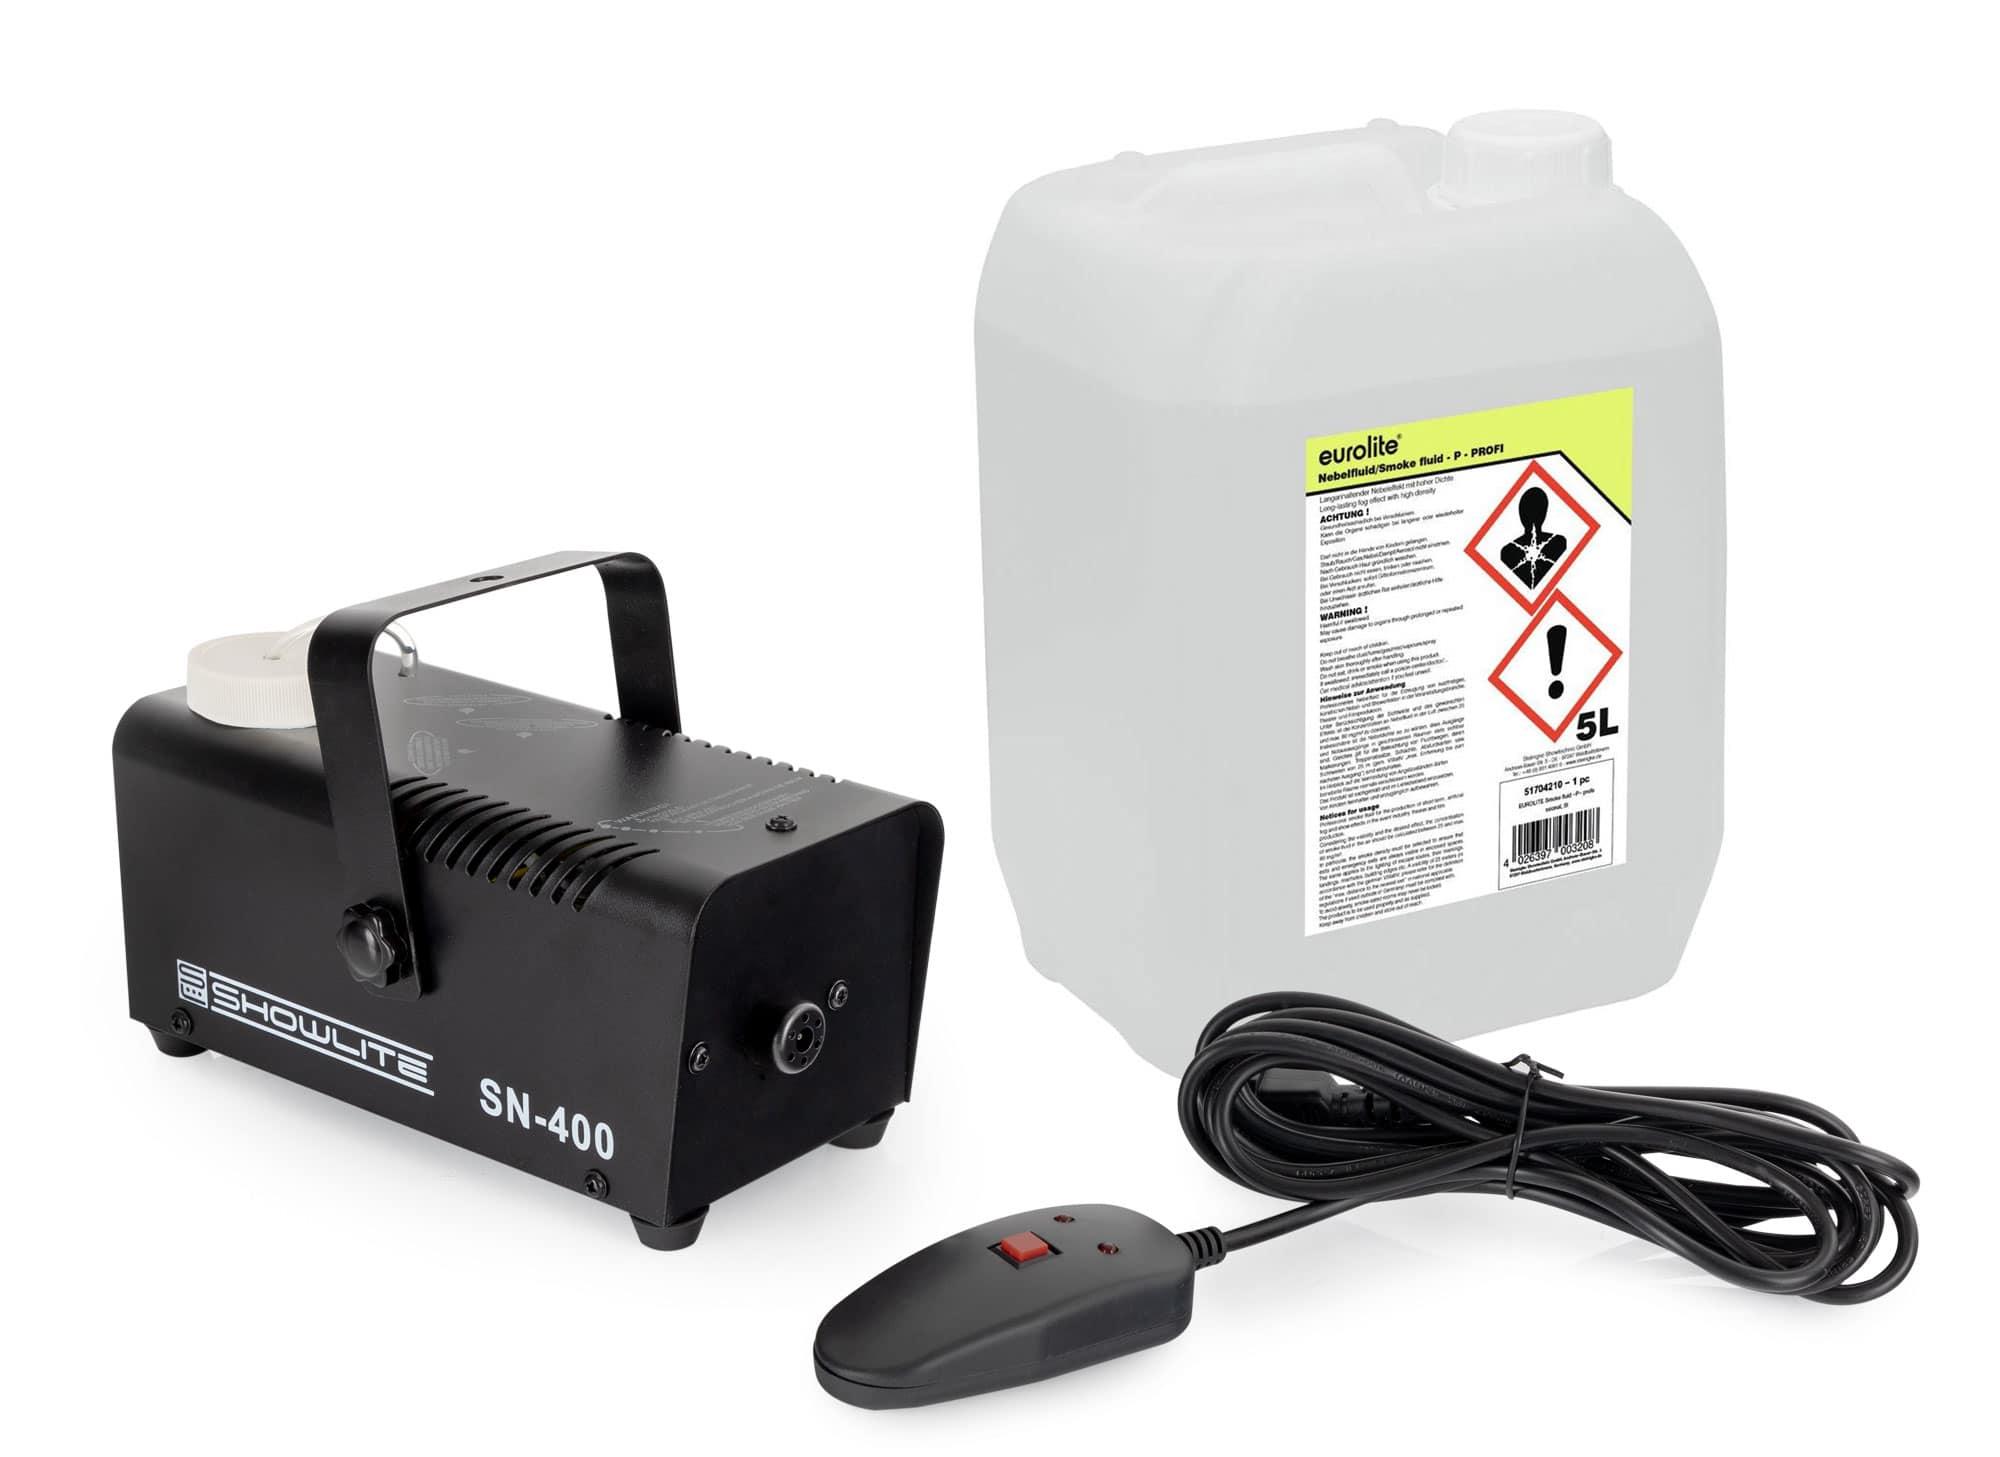 Showlite SN 400 Nebelmaschine 5L Fluid Set